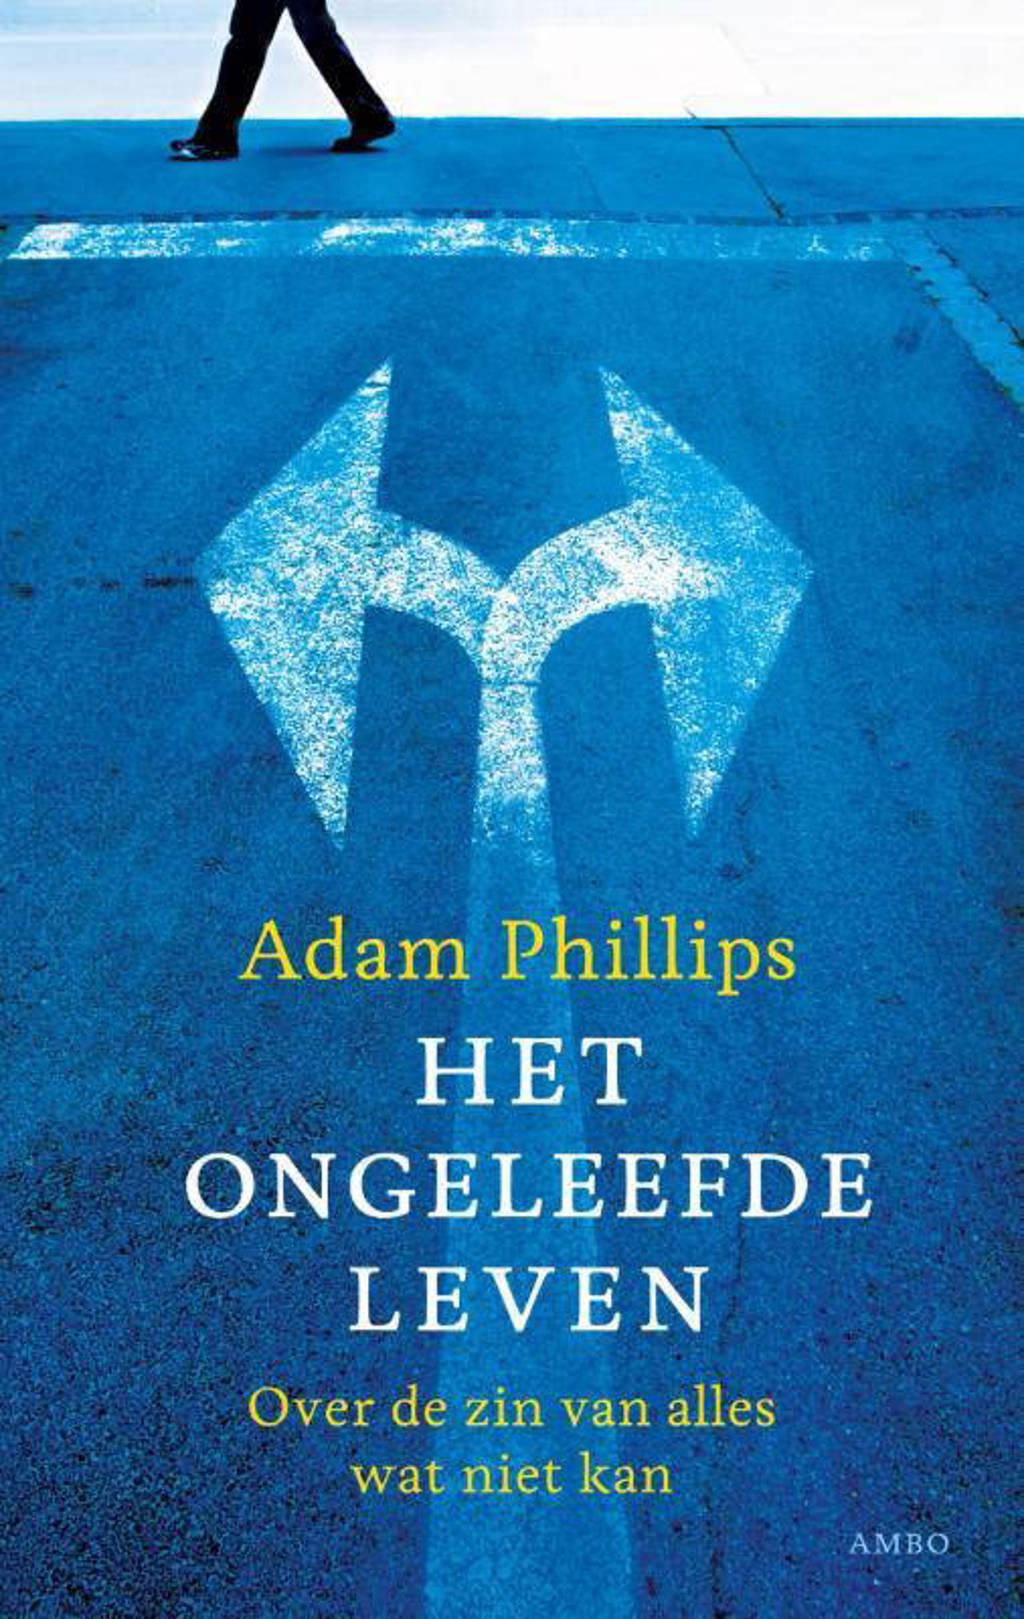 Het ongeleefde leven - Adam Phillips